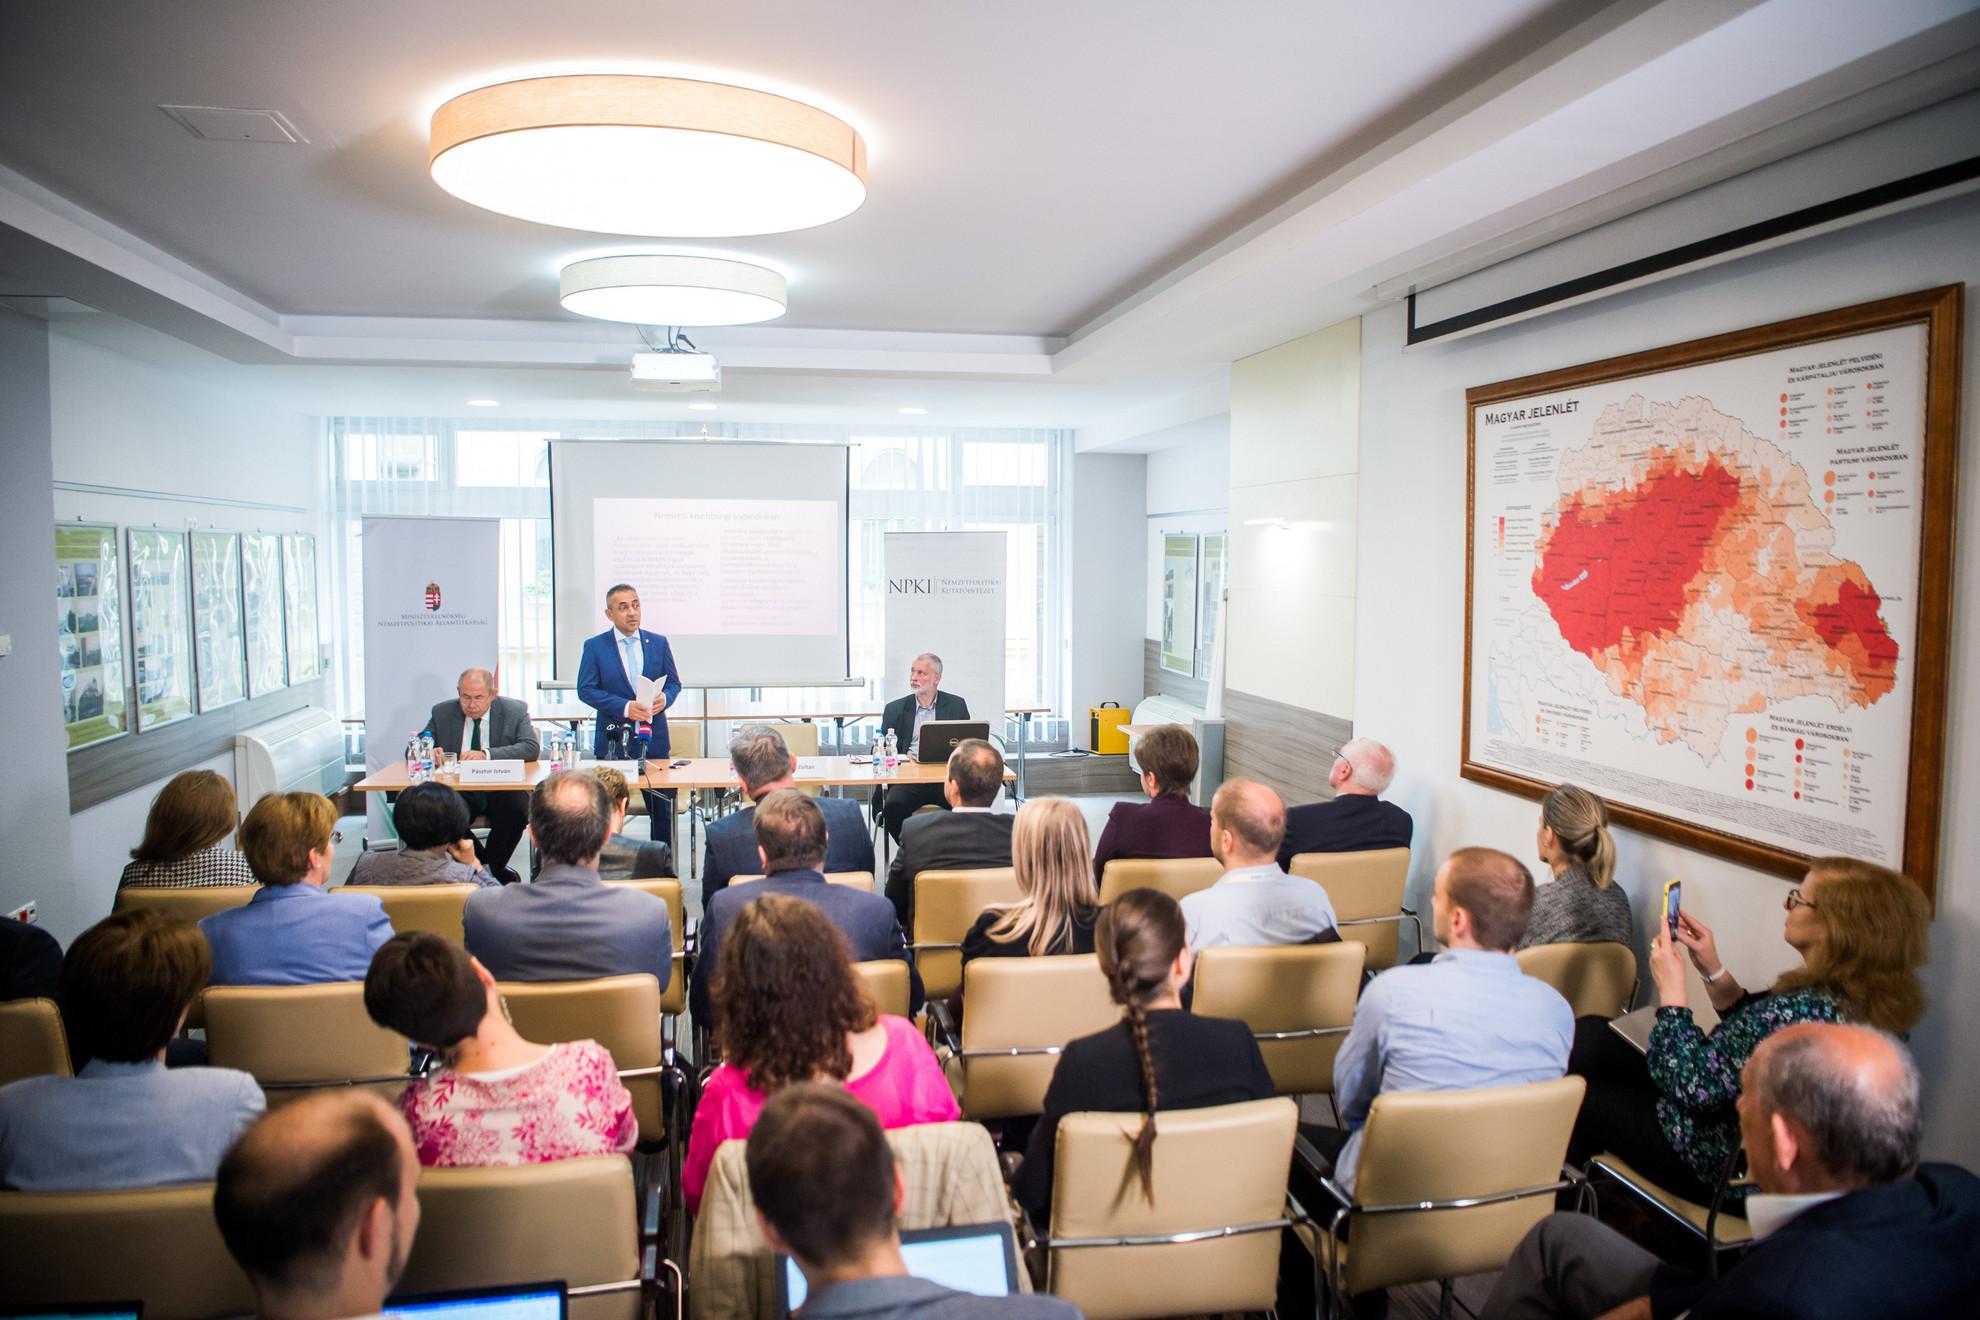 Jobbról Potápi Árpád János, a Miniszterelnökség nemzetpolitikáért felelős államtitkára (k) előadást tart a Választások Szerbiában - magyar vonatkozások címmel megrendezett konferencián a Bethlen Gábor Alapkezelő Zrt. budapesti székházában 2020. június 22-én